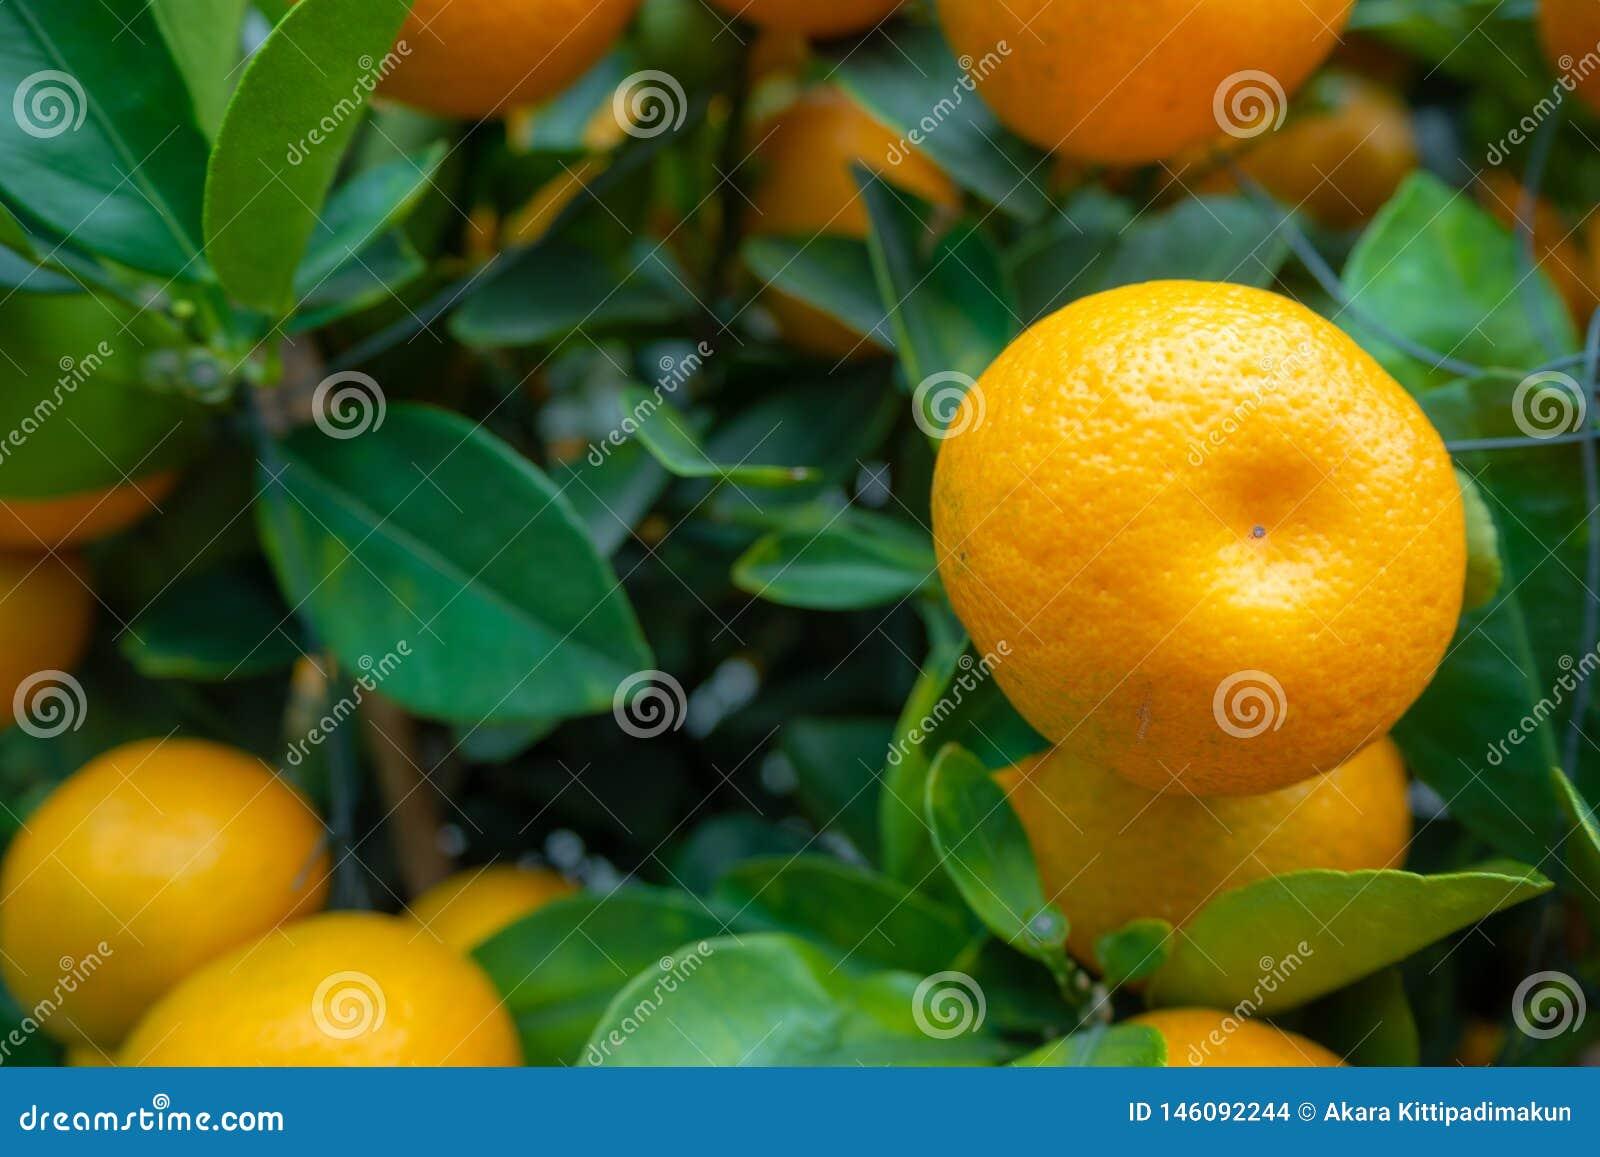 Η κινηματογράφηση σε πρώτο πλάνο του φρέσκου μικρού πορτοκαλιού σε πράσινο βγάζει φύλλα το υπόβαθρο